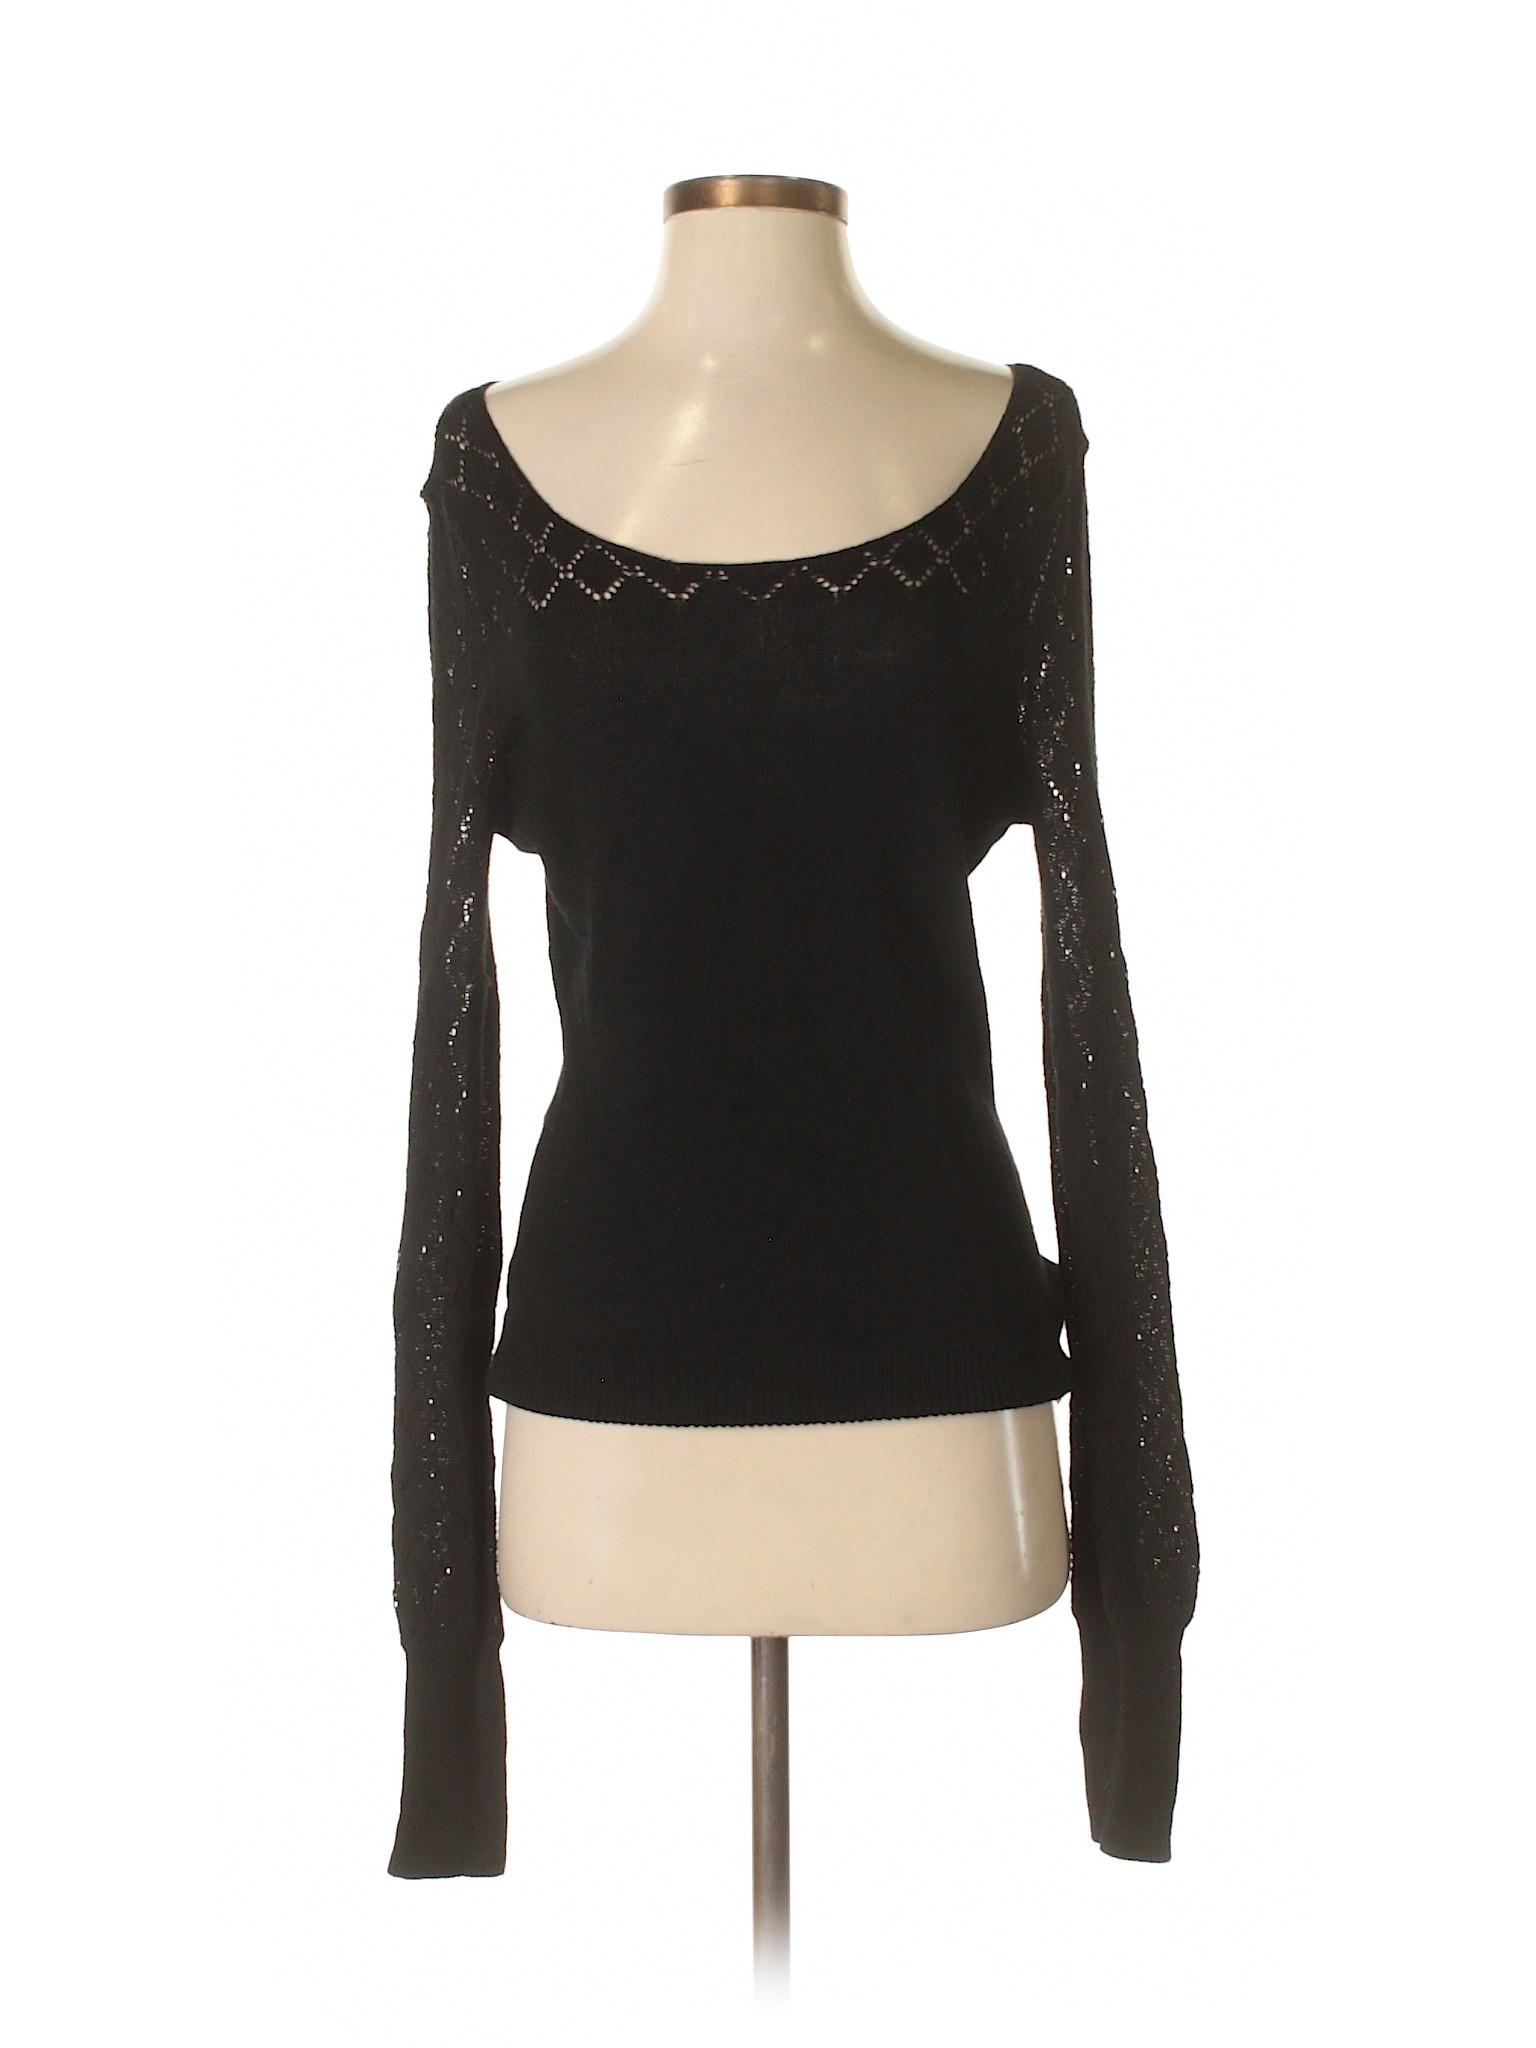 Boutique Boutique Pullover Boutique winter winter Quiksilver Sweater Pullover Quiksilver Sweater pPHwTq4